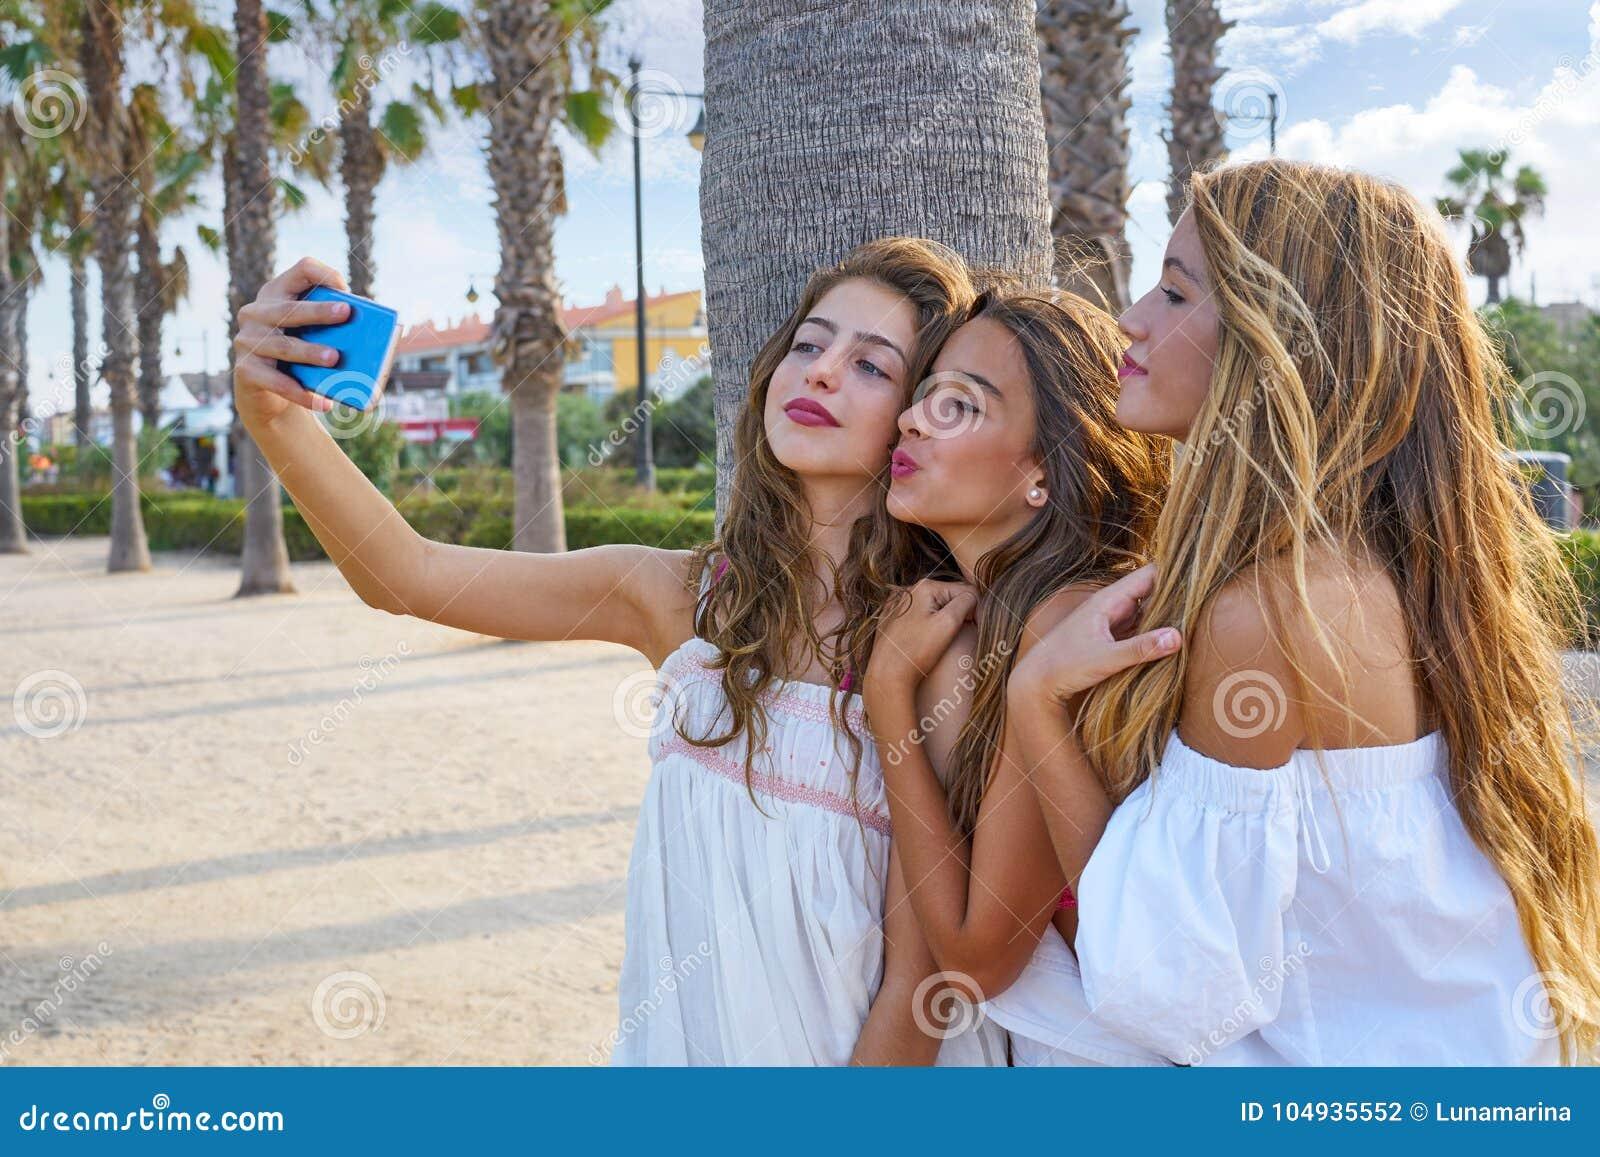 Nyce sex Jr teen selfie